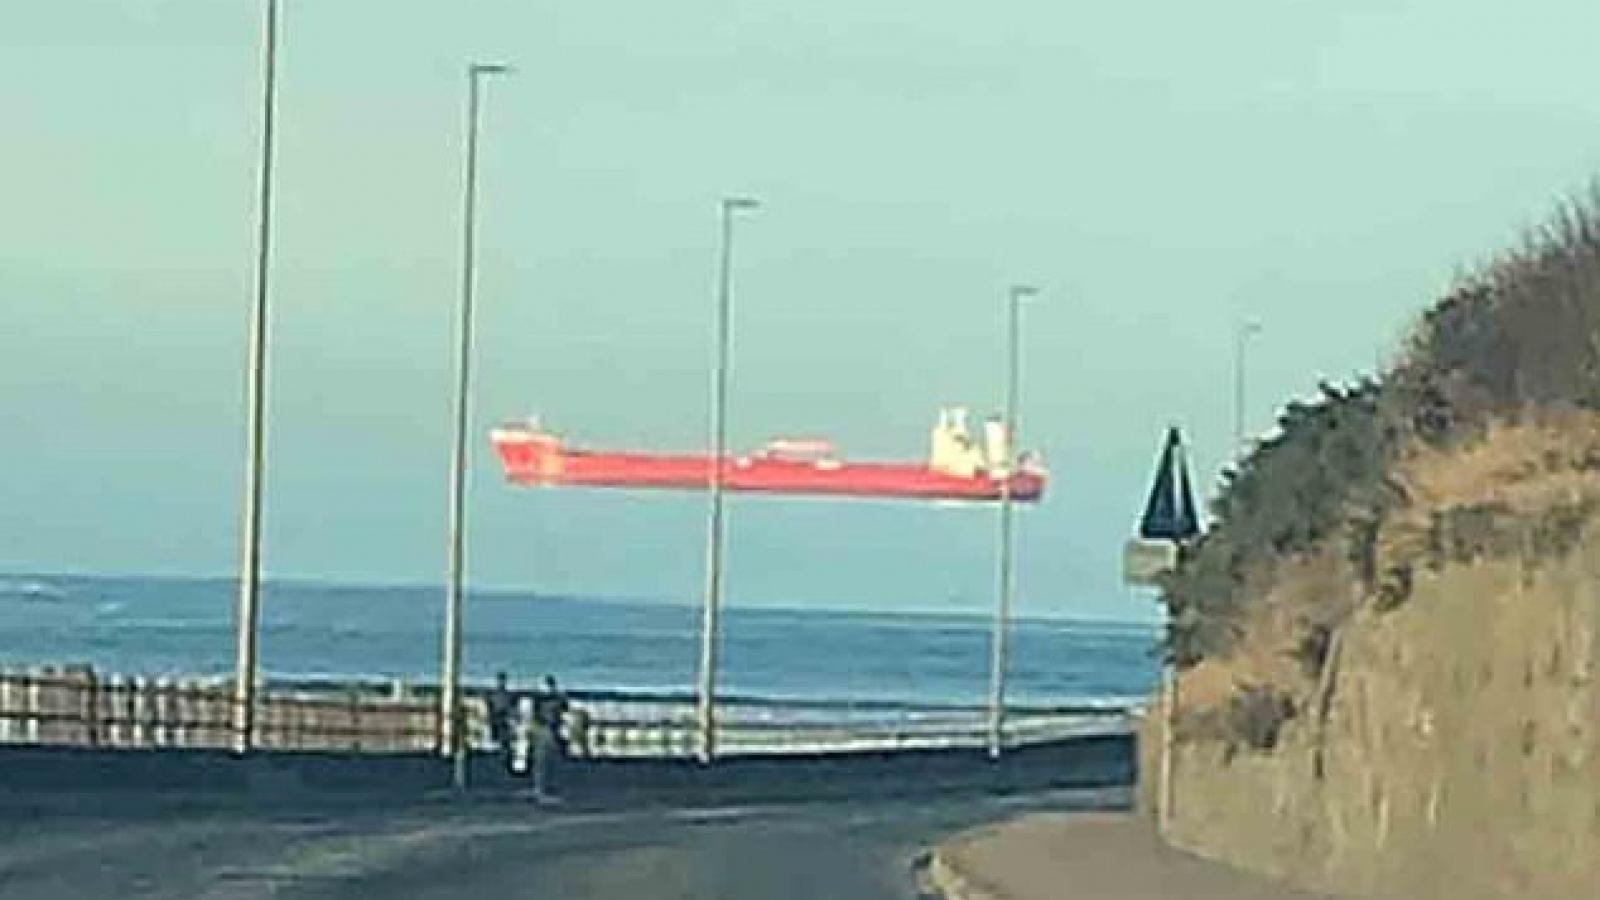 Hiện tượng ảo ảnh khiến con tàu lơ lửng trên mặt biển